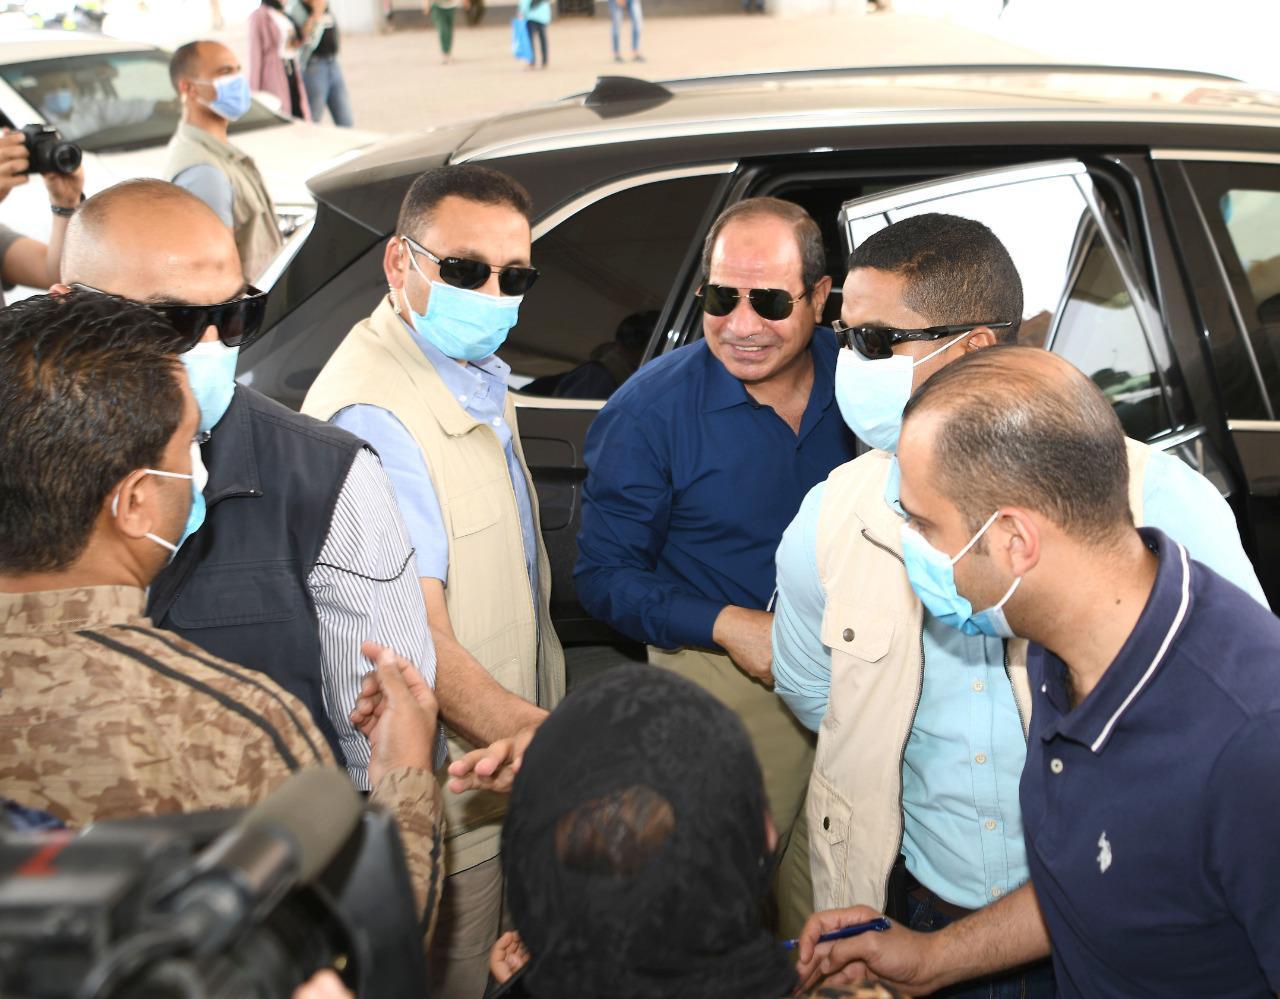 الرئيس السيسى يتحدث مع مواطنين ويستعلم عن أحوالهم بجولته فى شرق القاهرة (3)